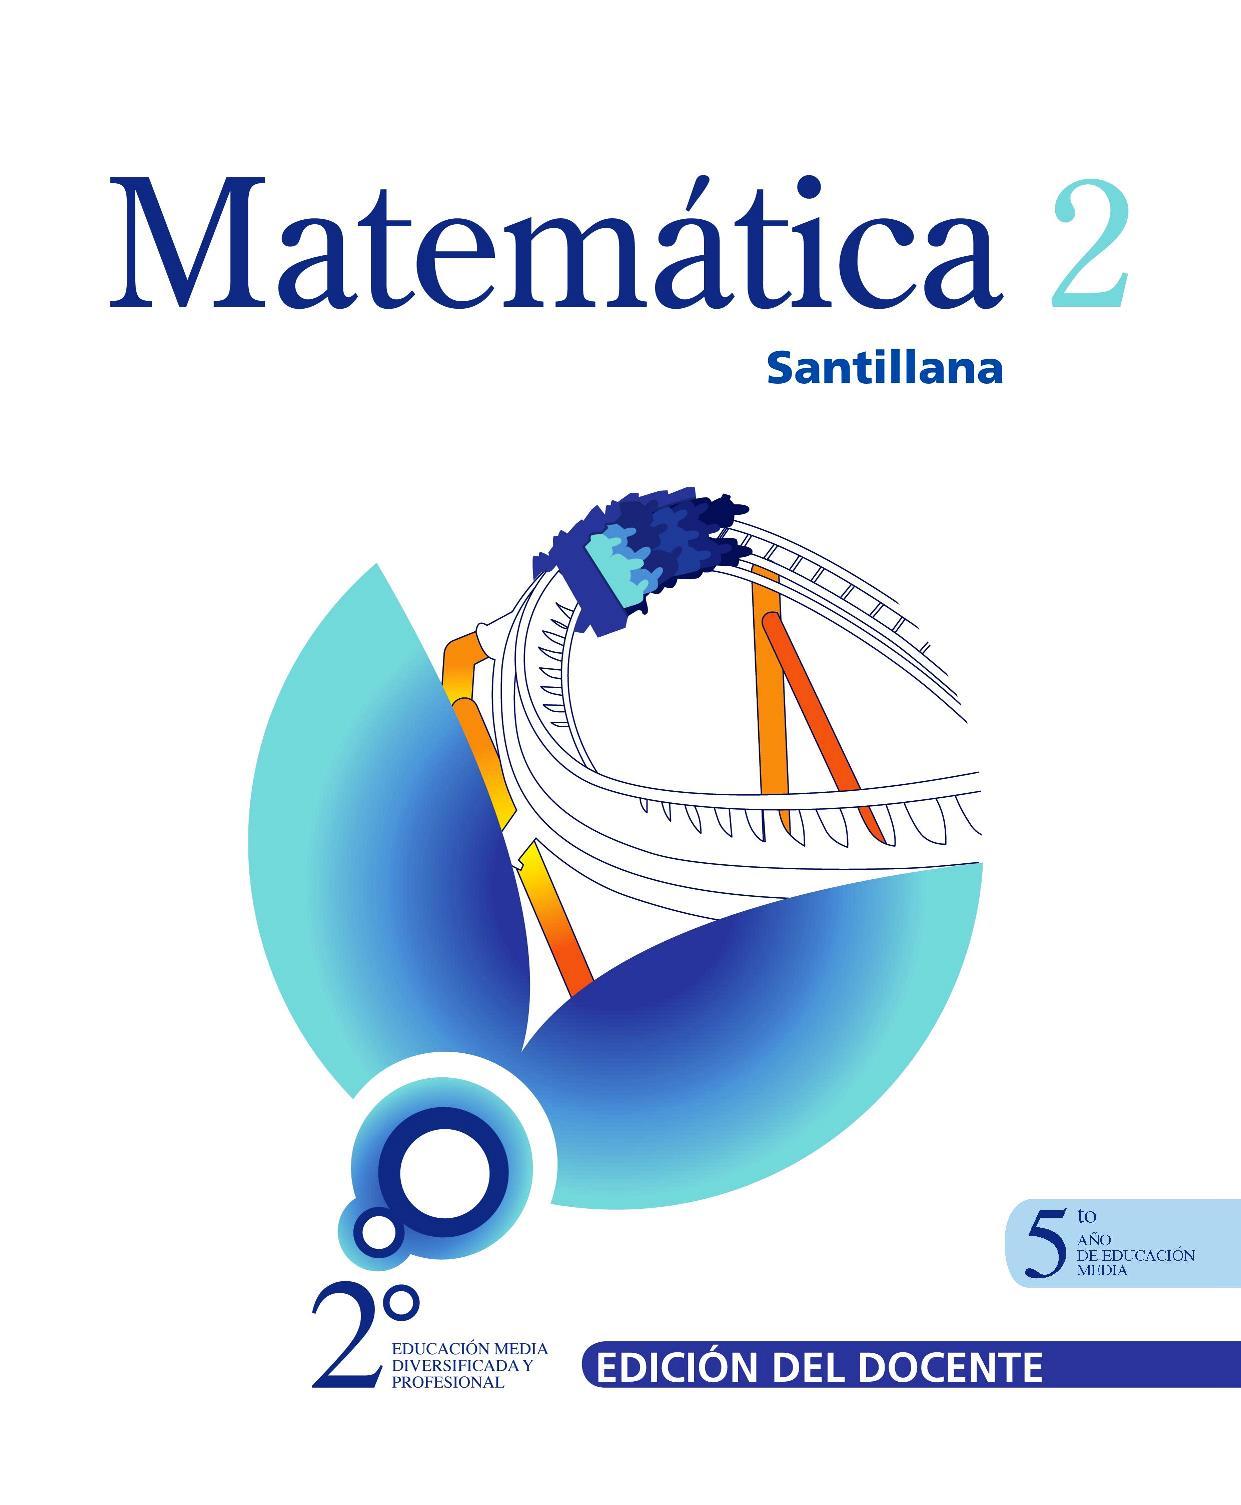 Matemática 2: 5to año de Educación Media – Santillana